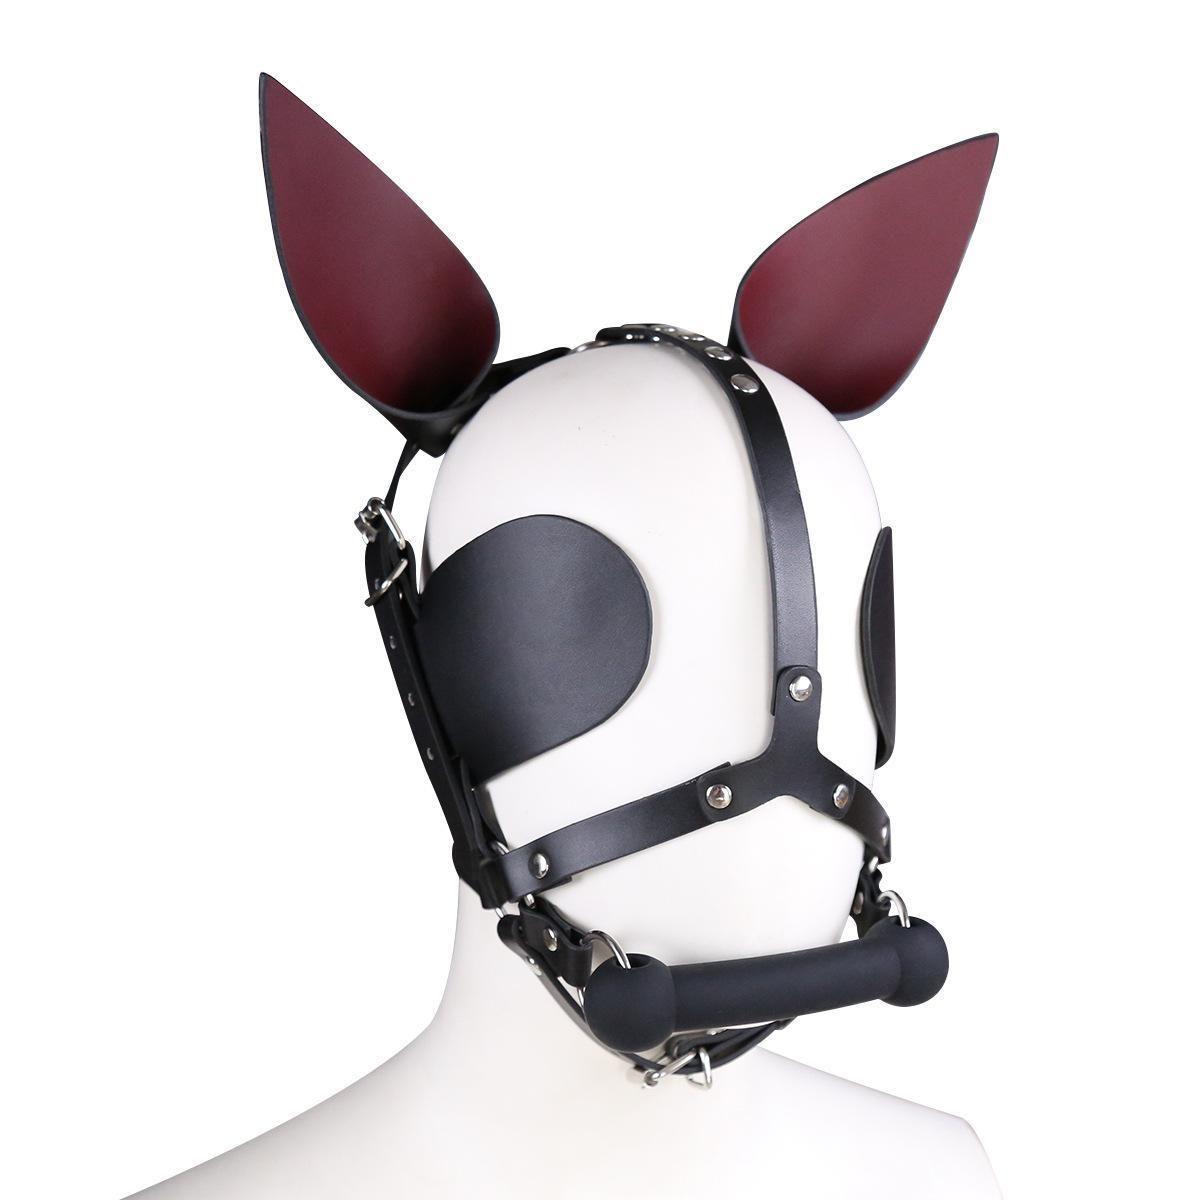 Rindsleder Harness Lederkapuze Kopf Pferdemaske Hundeknochen Mundknebel Bondage BDSM Sex Games Toy # R52